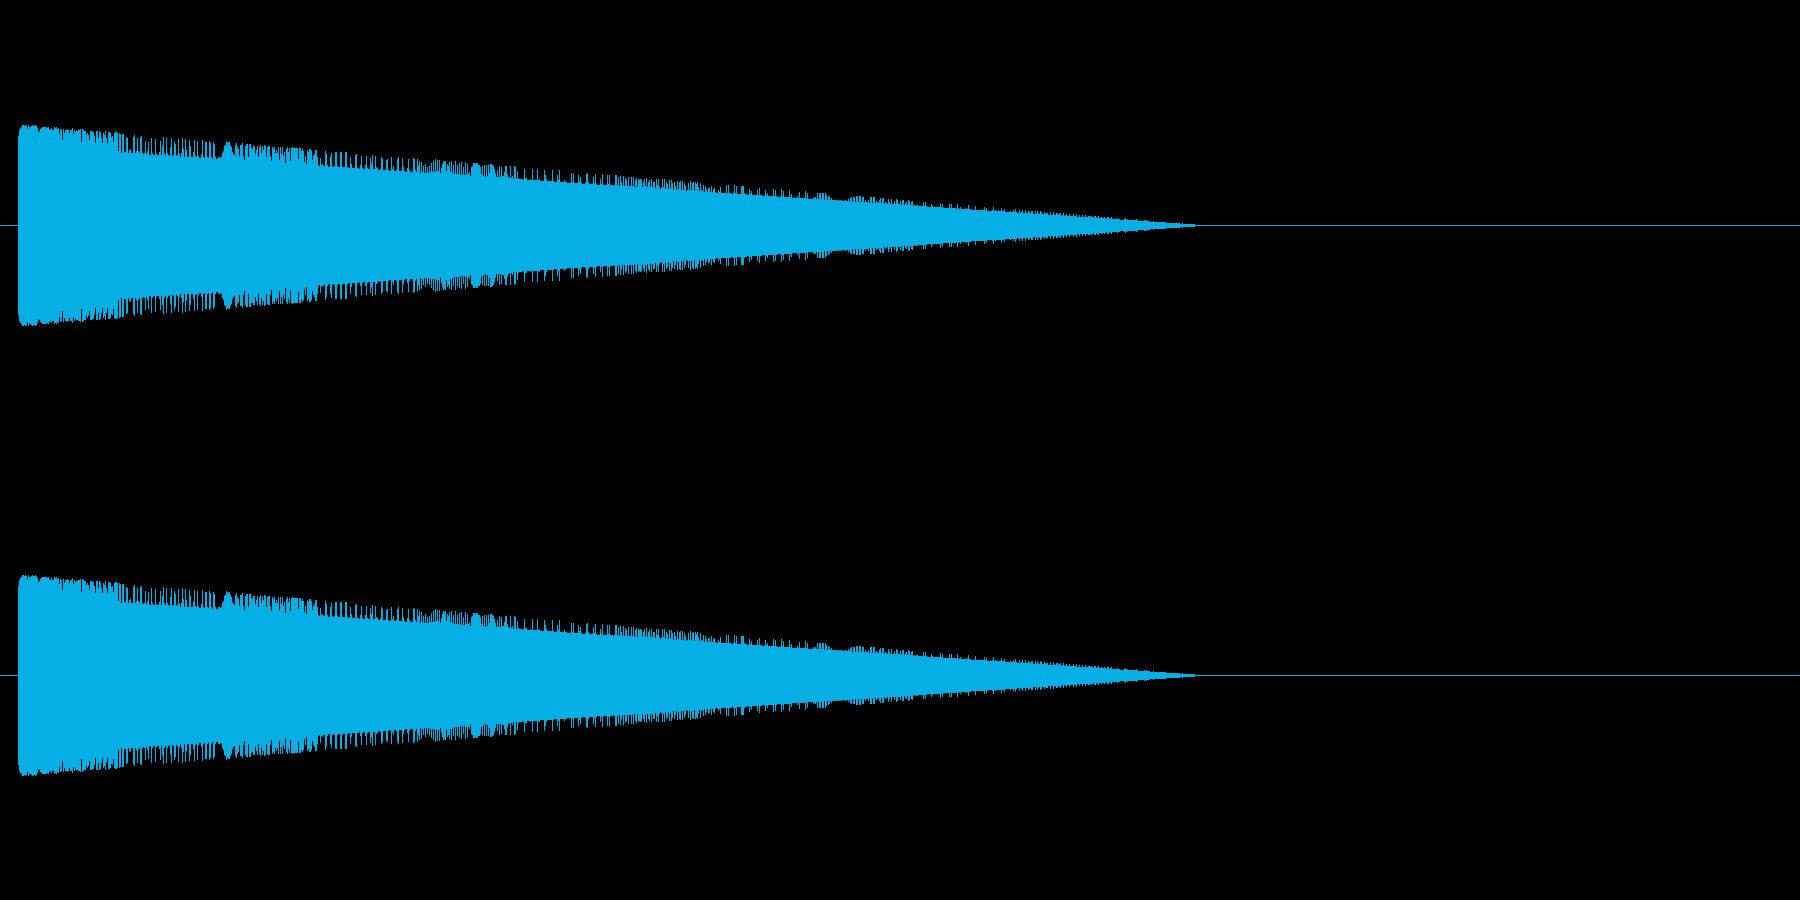 レトロゲーム風・コミカルな音#4の再生済みの波形